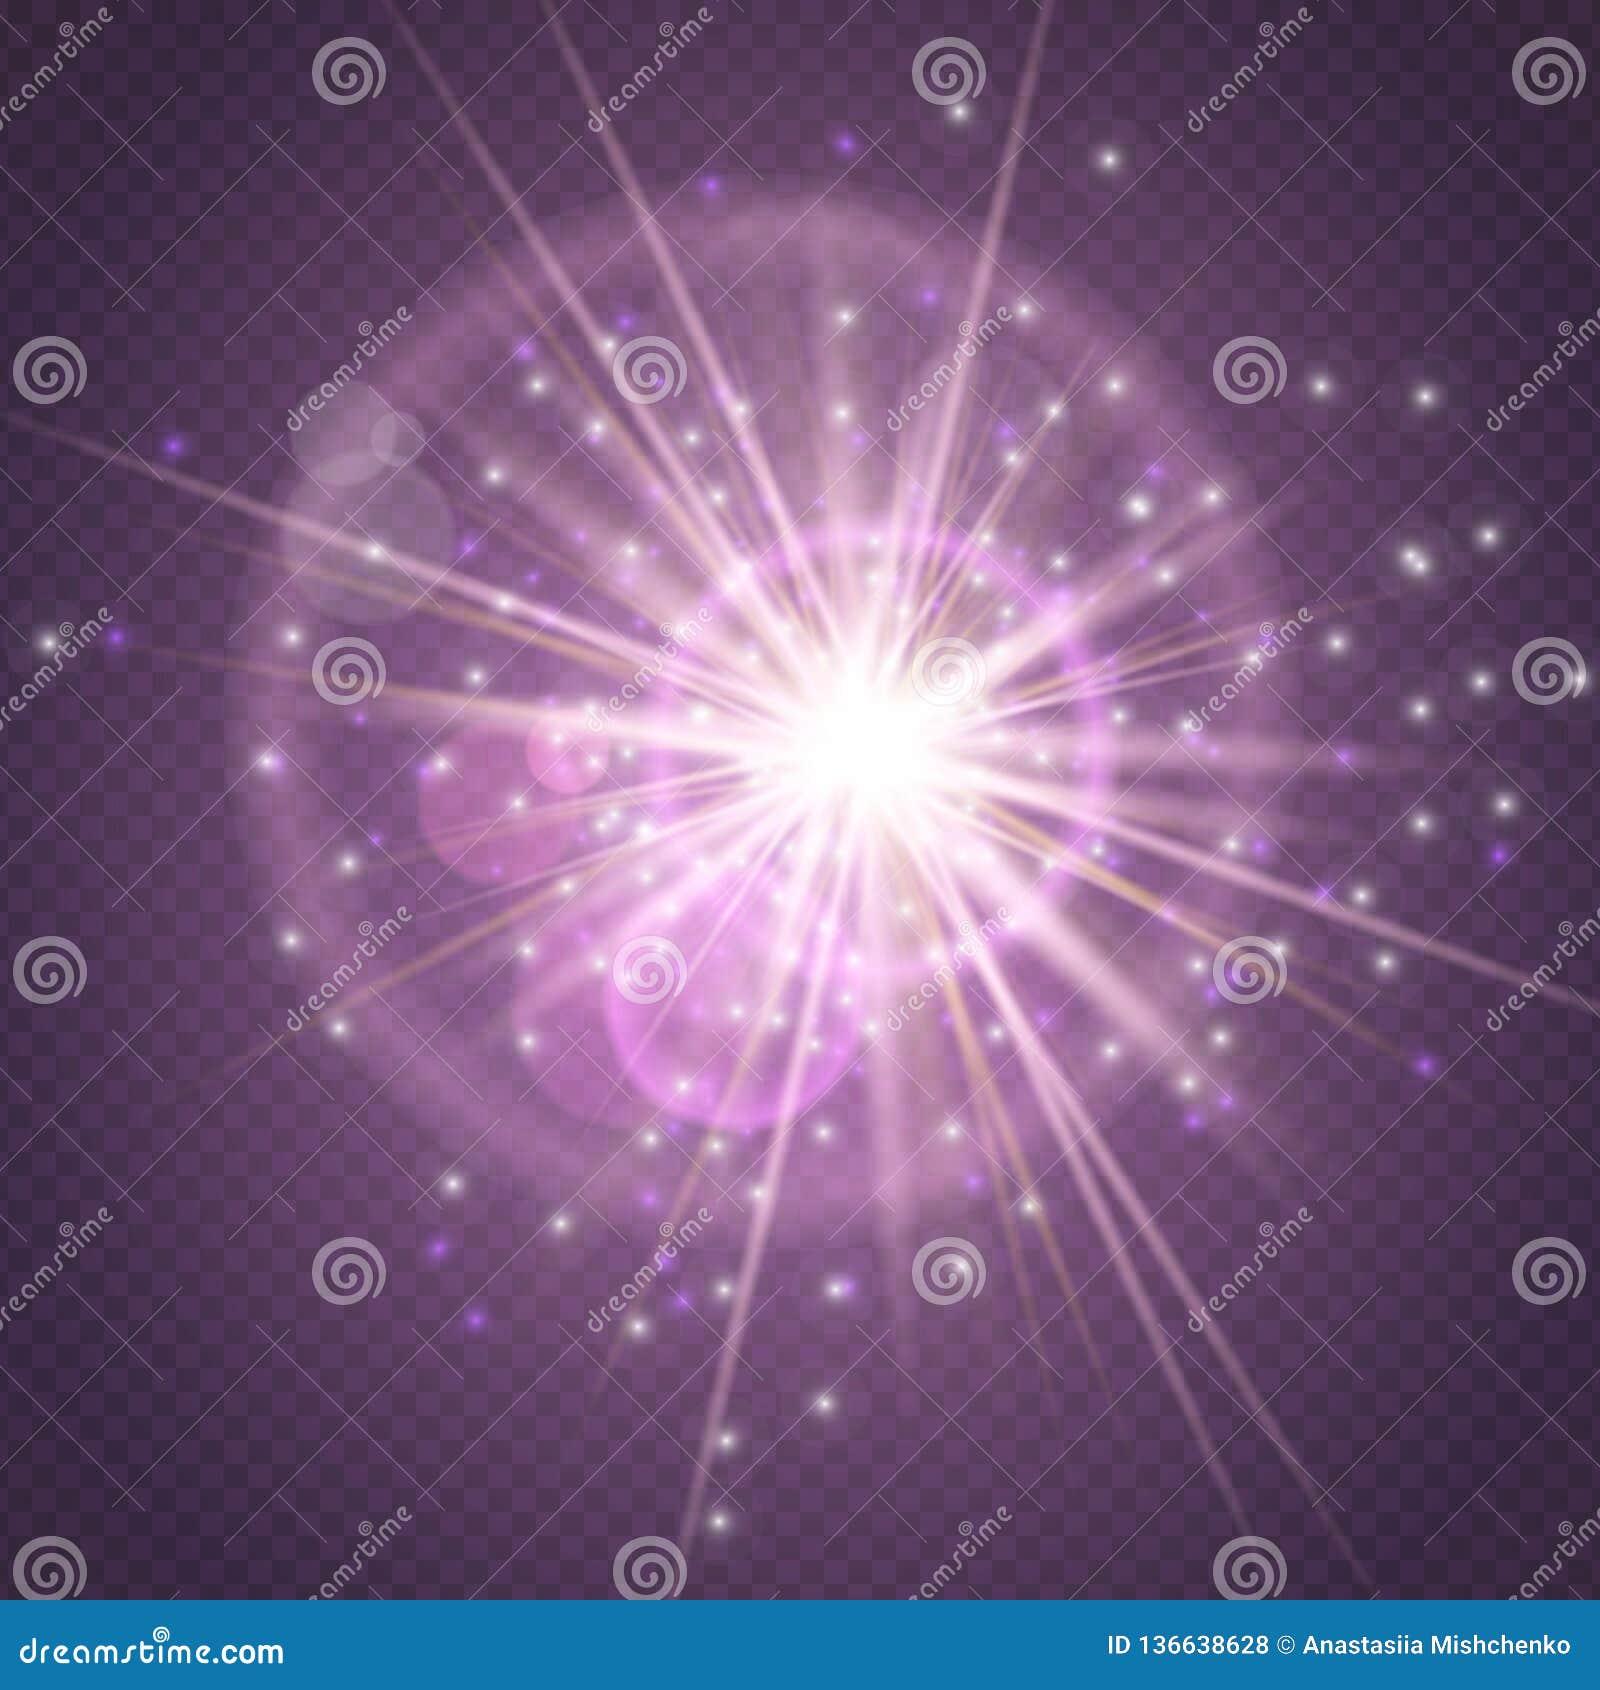 火花闪烁发光,星爆炸在紫色透明背景和透镜火光隔绝的爆炸焕发 展示,音乐会